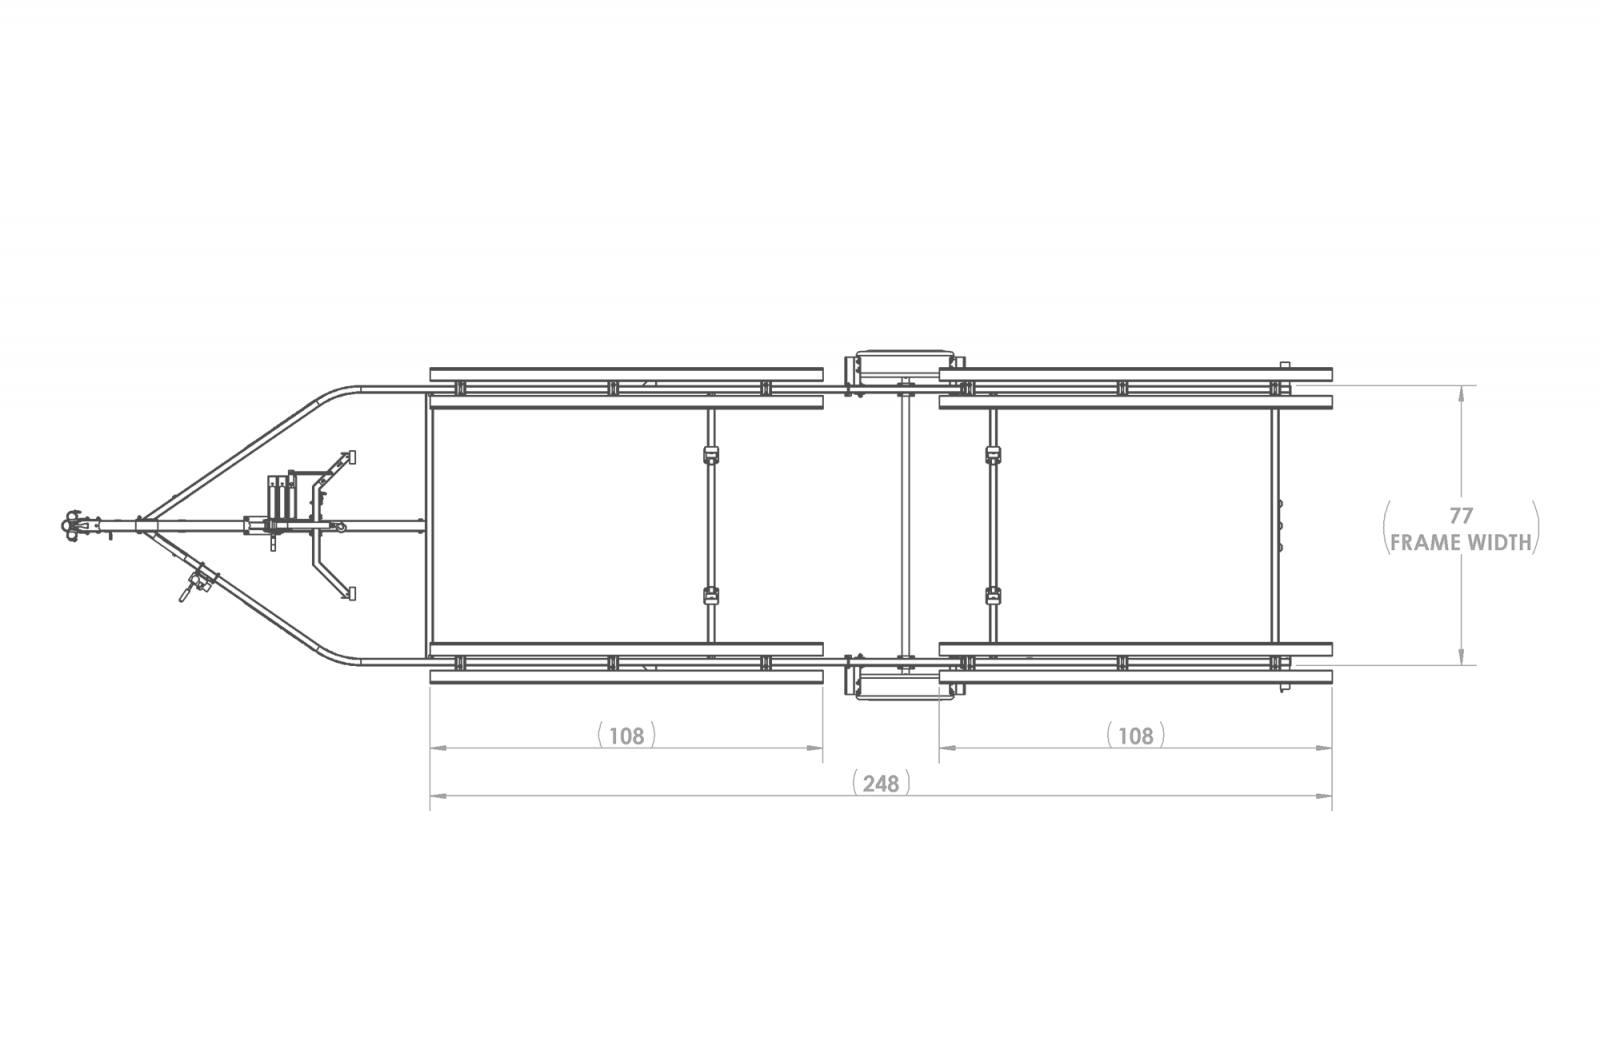 2019 Karavan Trailers KDP-2225-BT Black Powder Coated for ... on trolling motor wiring diagram, bilge pump wiring diagram, standard 7 wire trailer diagram, compass wiring diagram, karavan tires, truck camper wiring diagram, tekonsha brake controller wiring diagram, led trailer lighting diagram, fish finder wiring diagram, stereo wiring diagram, karavan sure lube system, trailer light diagram, karavan trailer parts diagram, 30 amp rv wiring diagram, typical rv wiring diagram, battery wiring diagram, livewell wiring diagram, tilt bed trailer diagram, silverado brake controller wiring diagram,